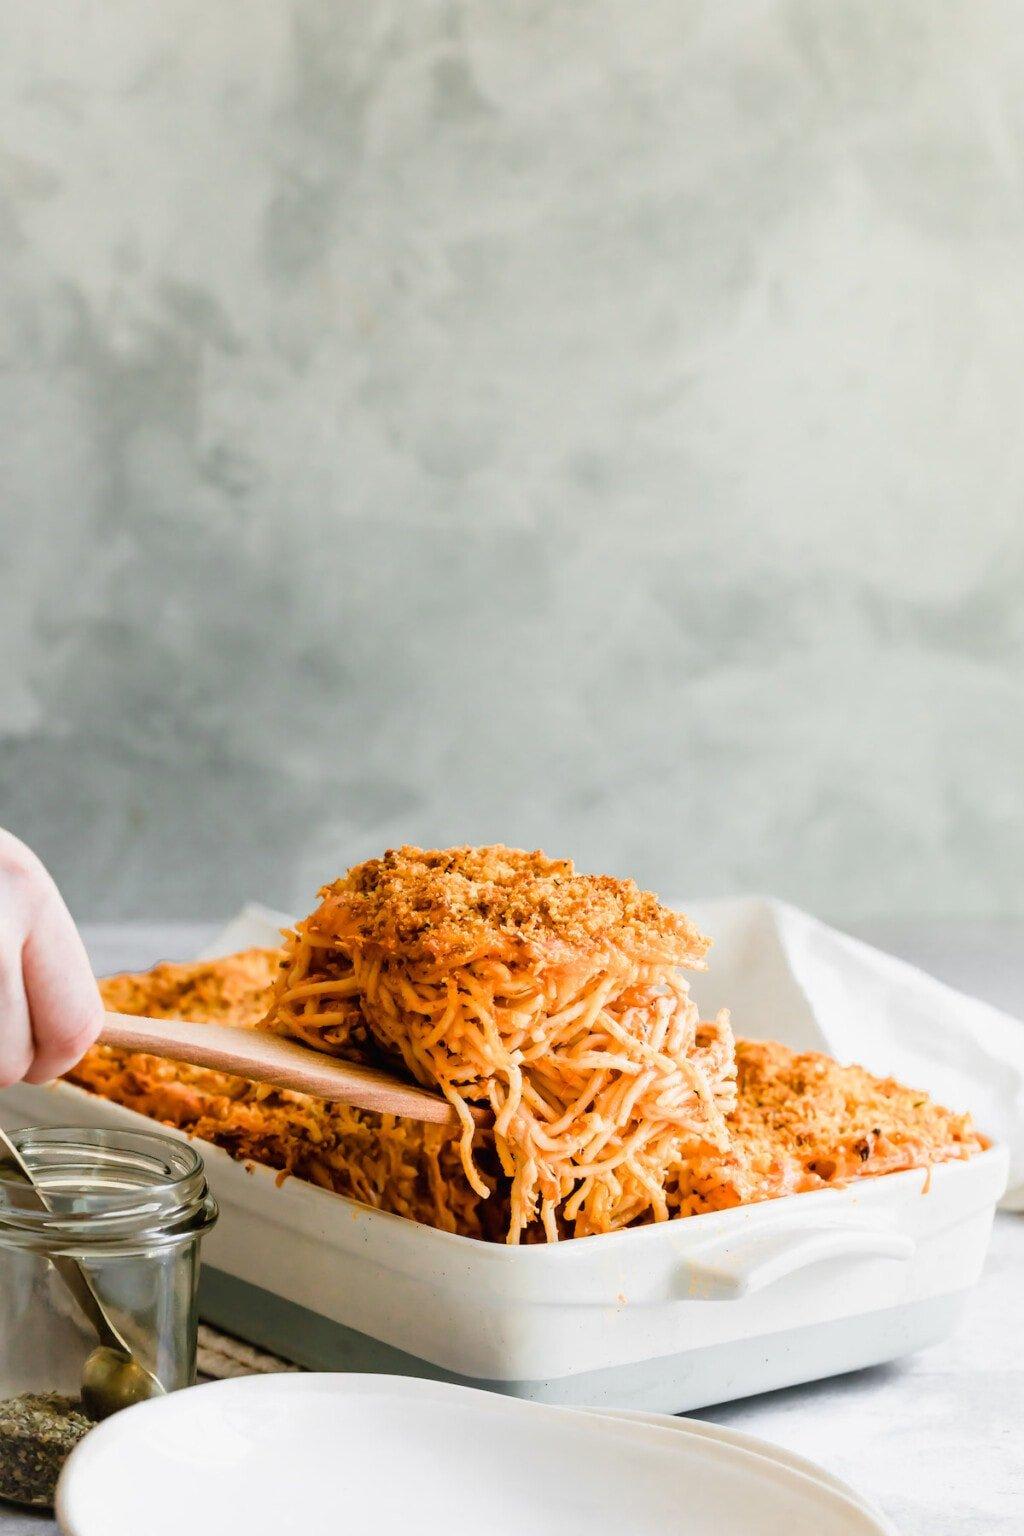 Healthy Easy Chicken Spaghetti Casserole Recipe